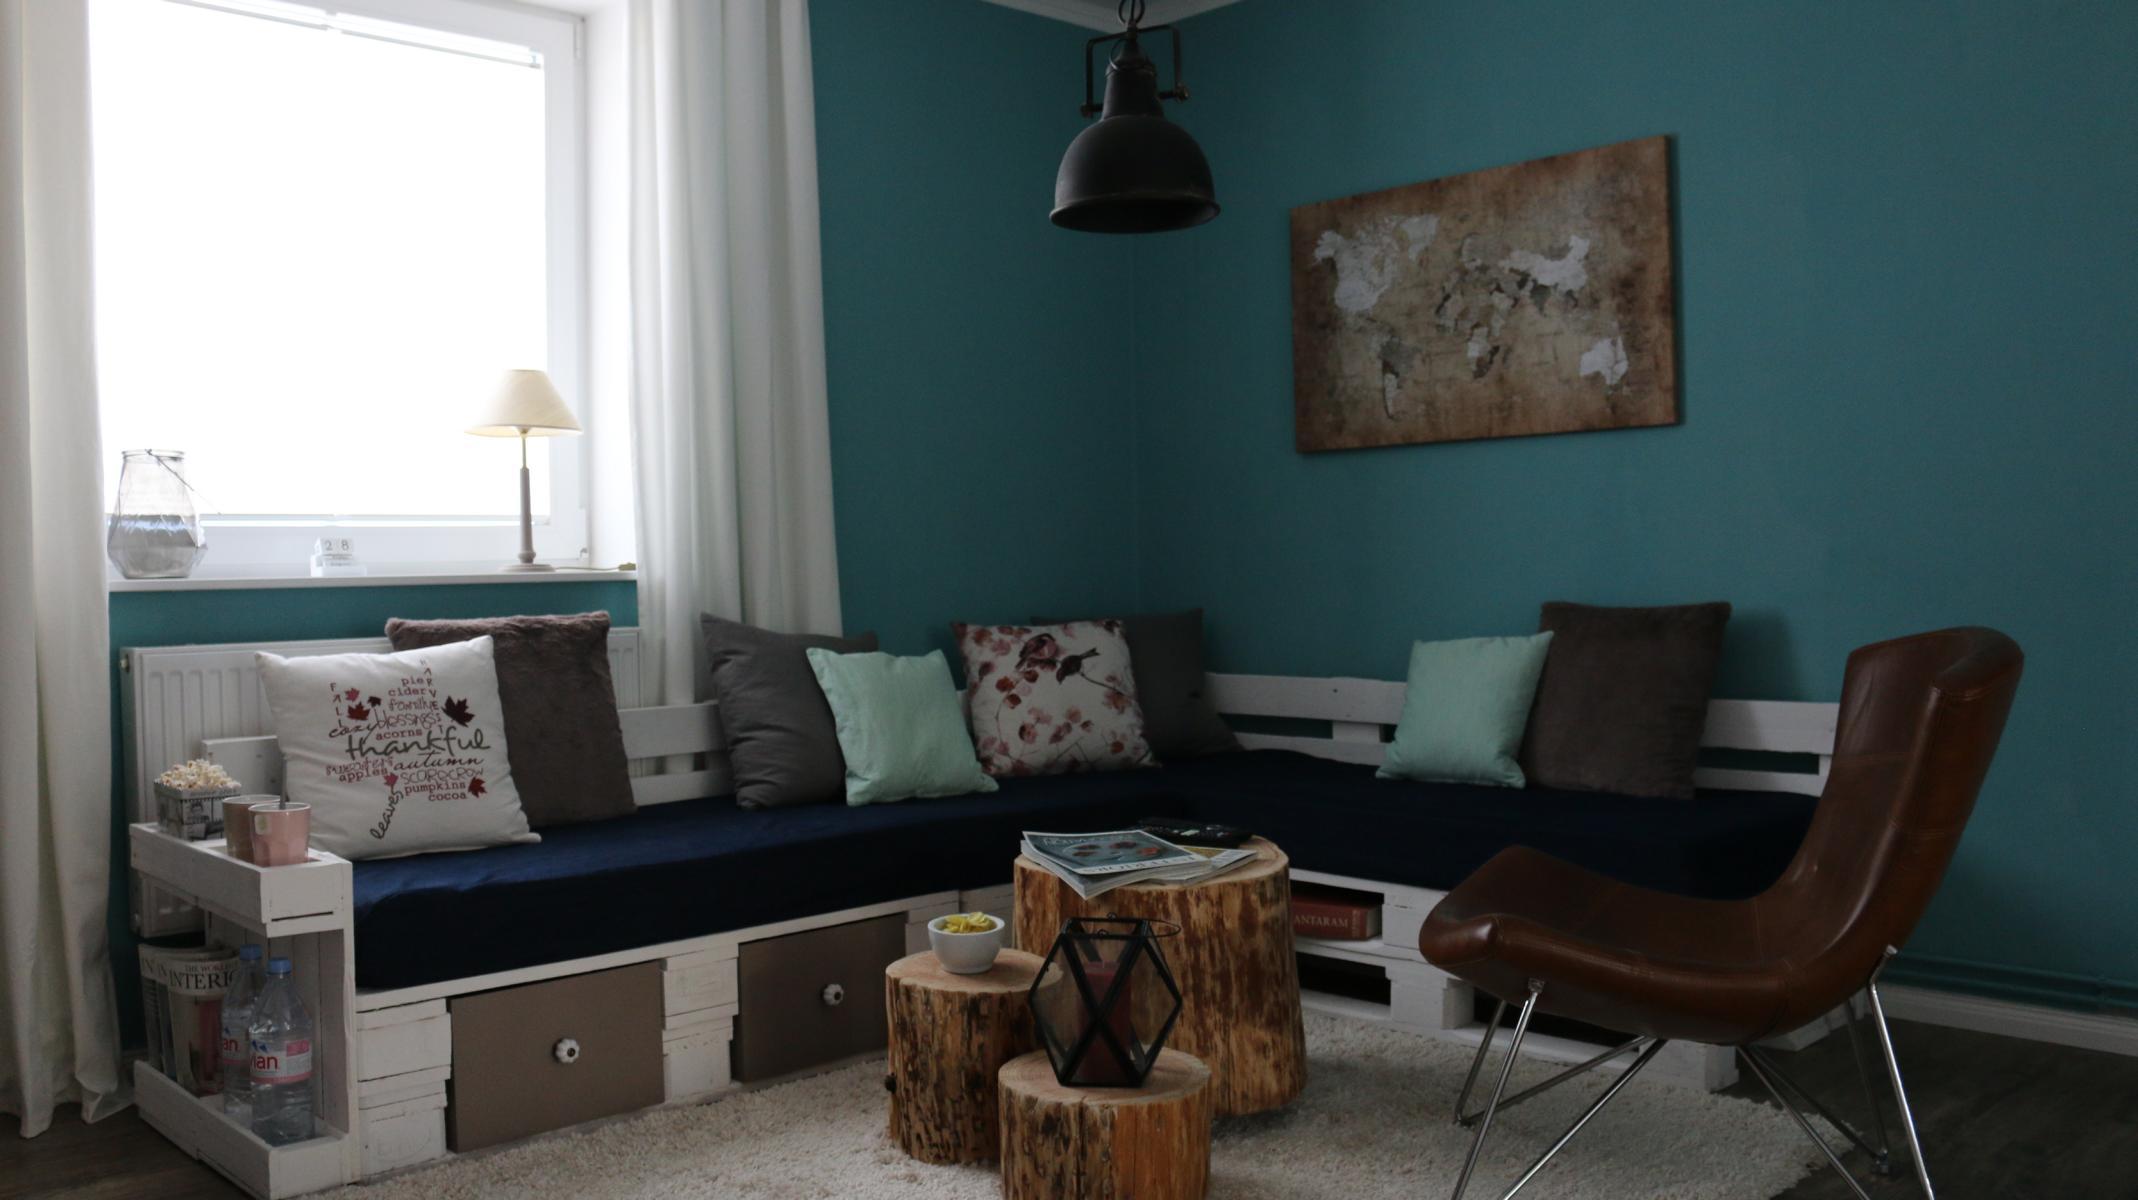 ᐅ Paletten Lounge Bauen Kaufen Palettenlounge Palettenmöbel Shop